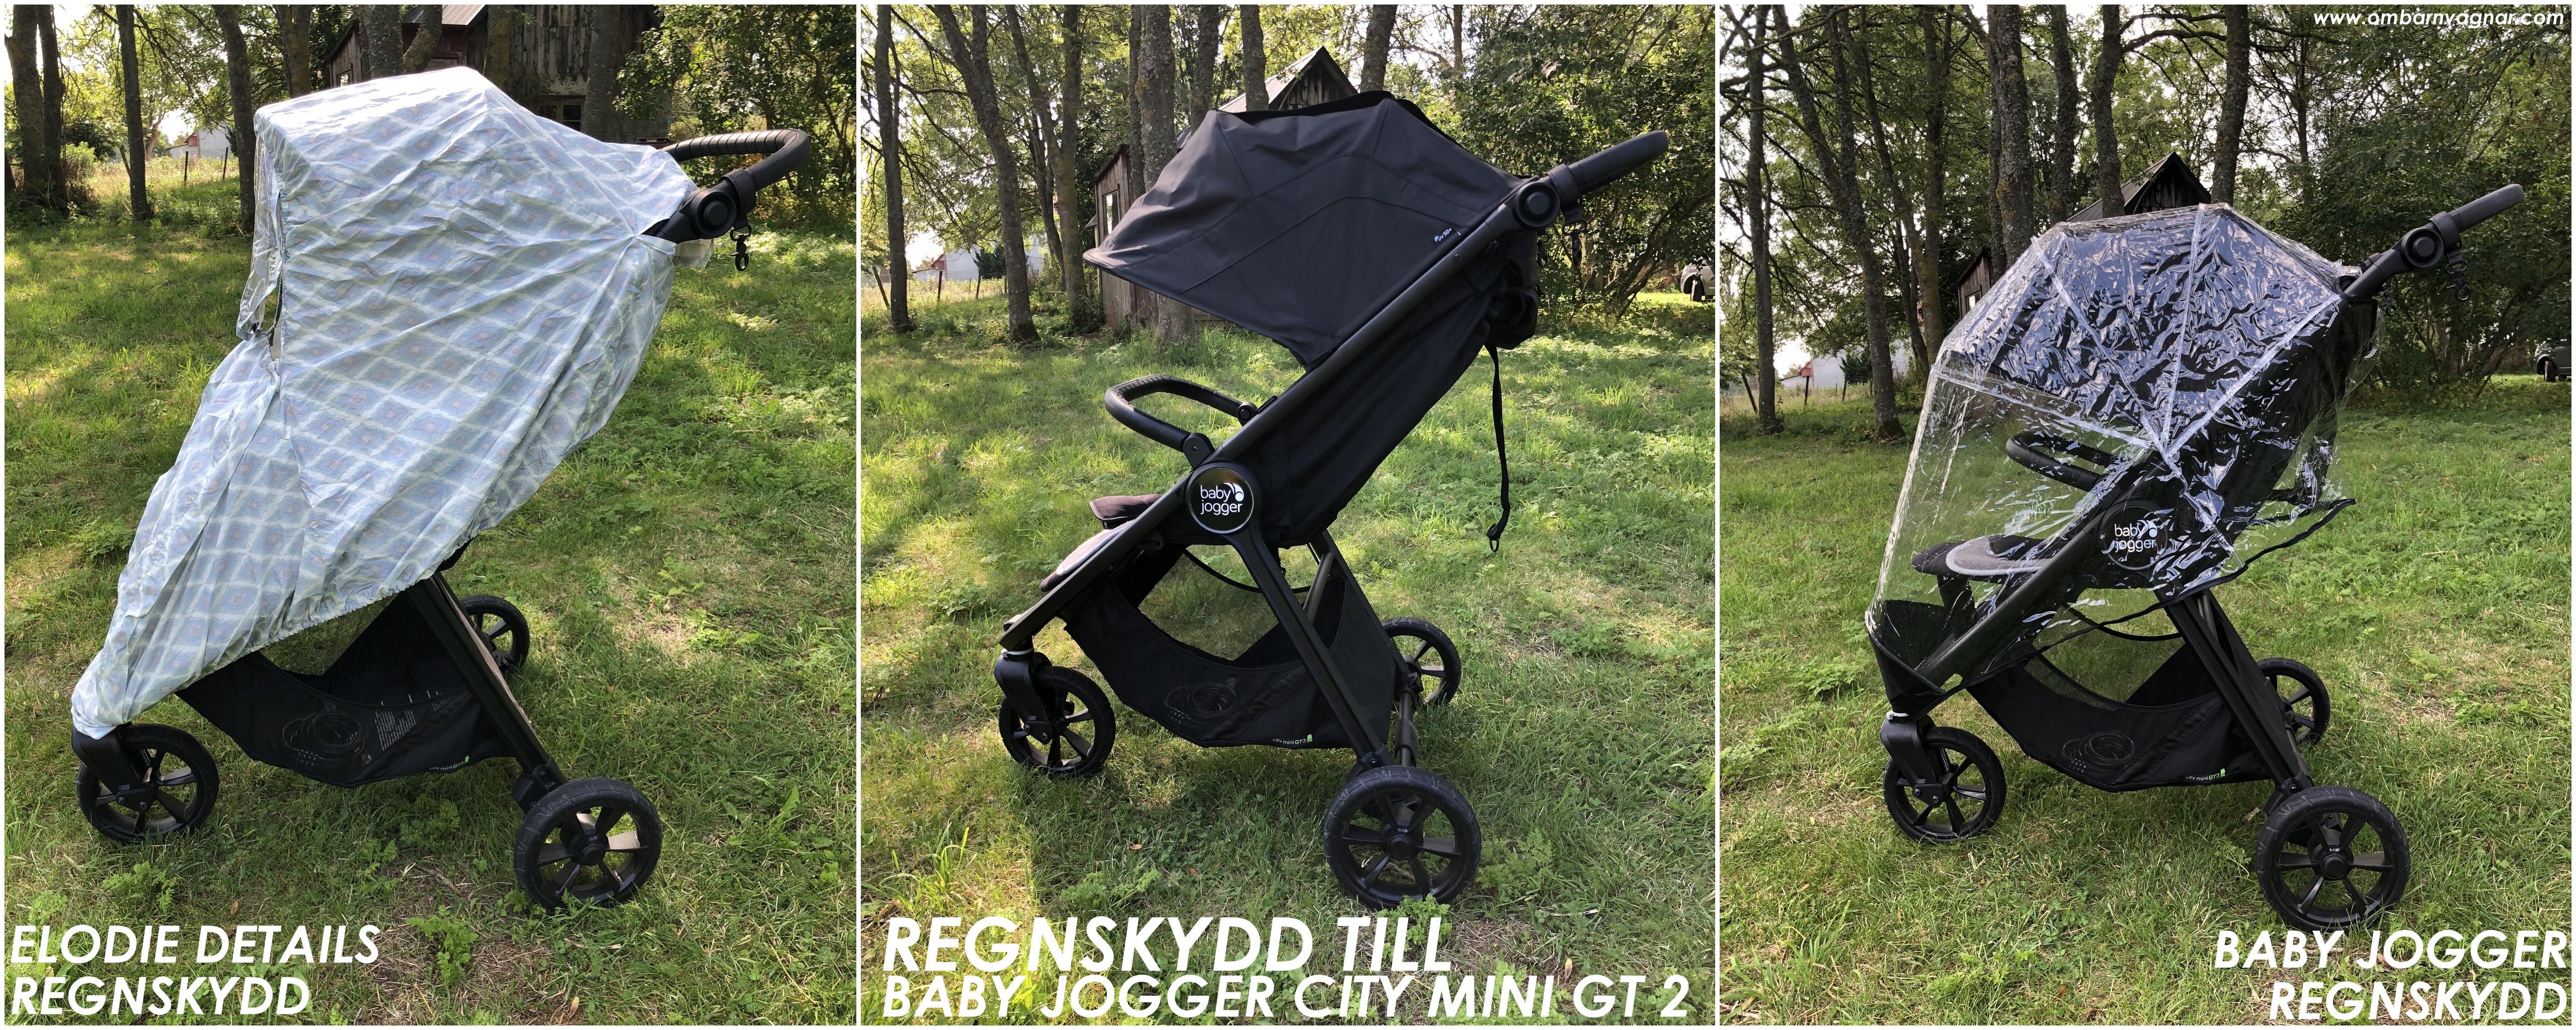 Regnskydd till Baby Jogger City Mini GT